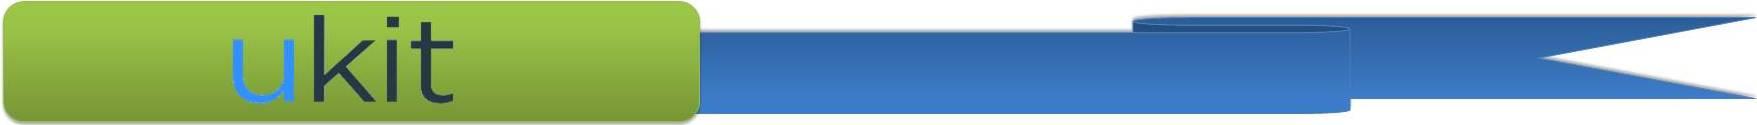 Ukit. Сегодня один из самых популярных конструкторов сайтов